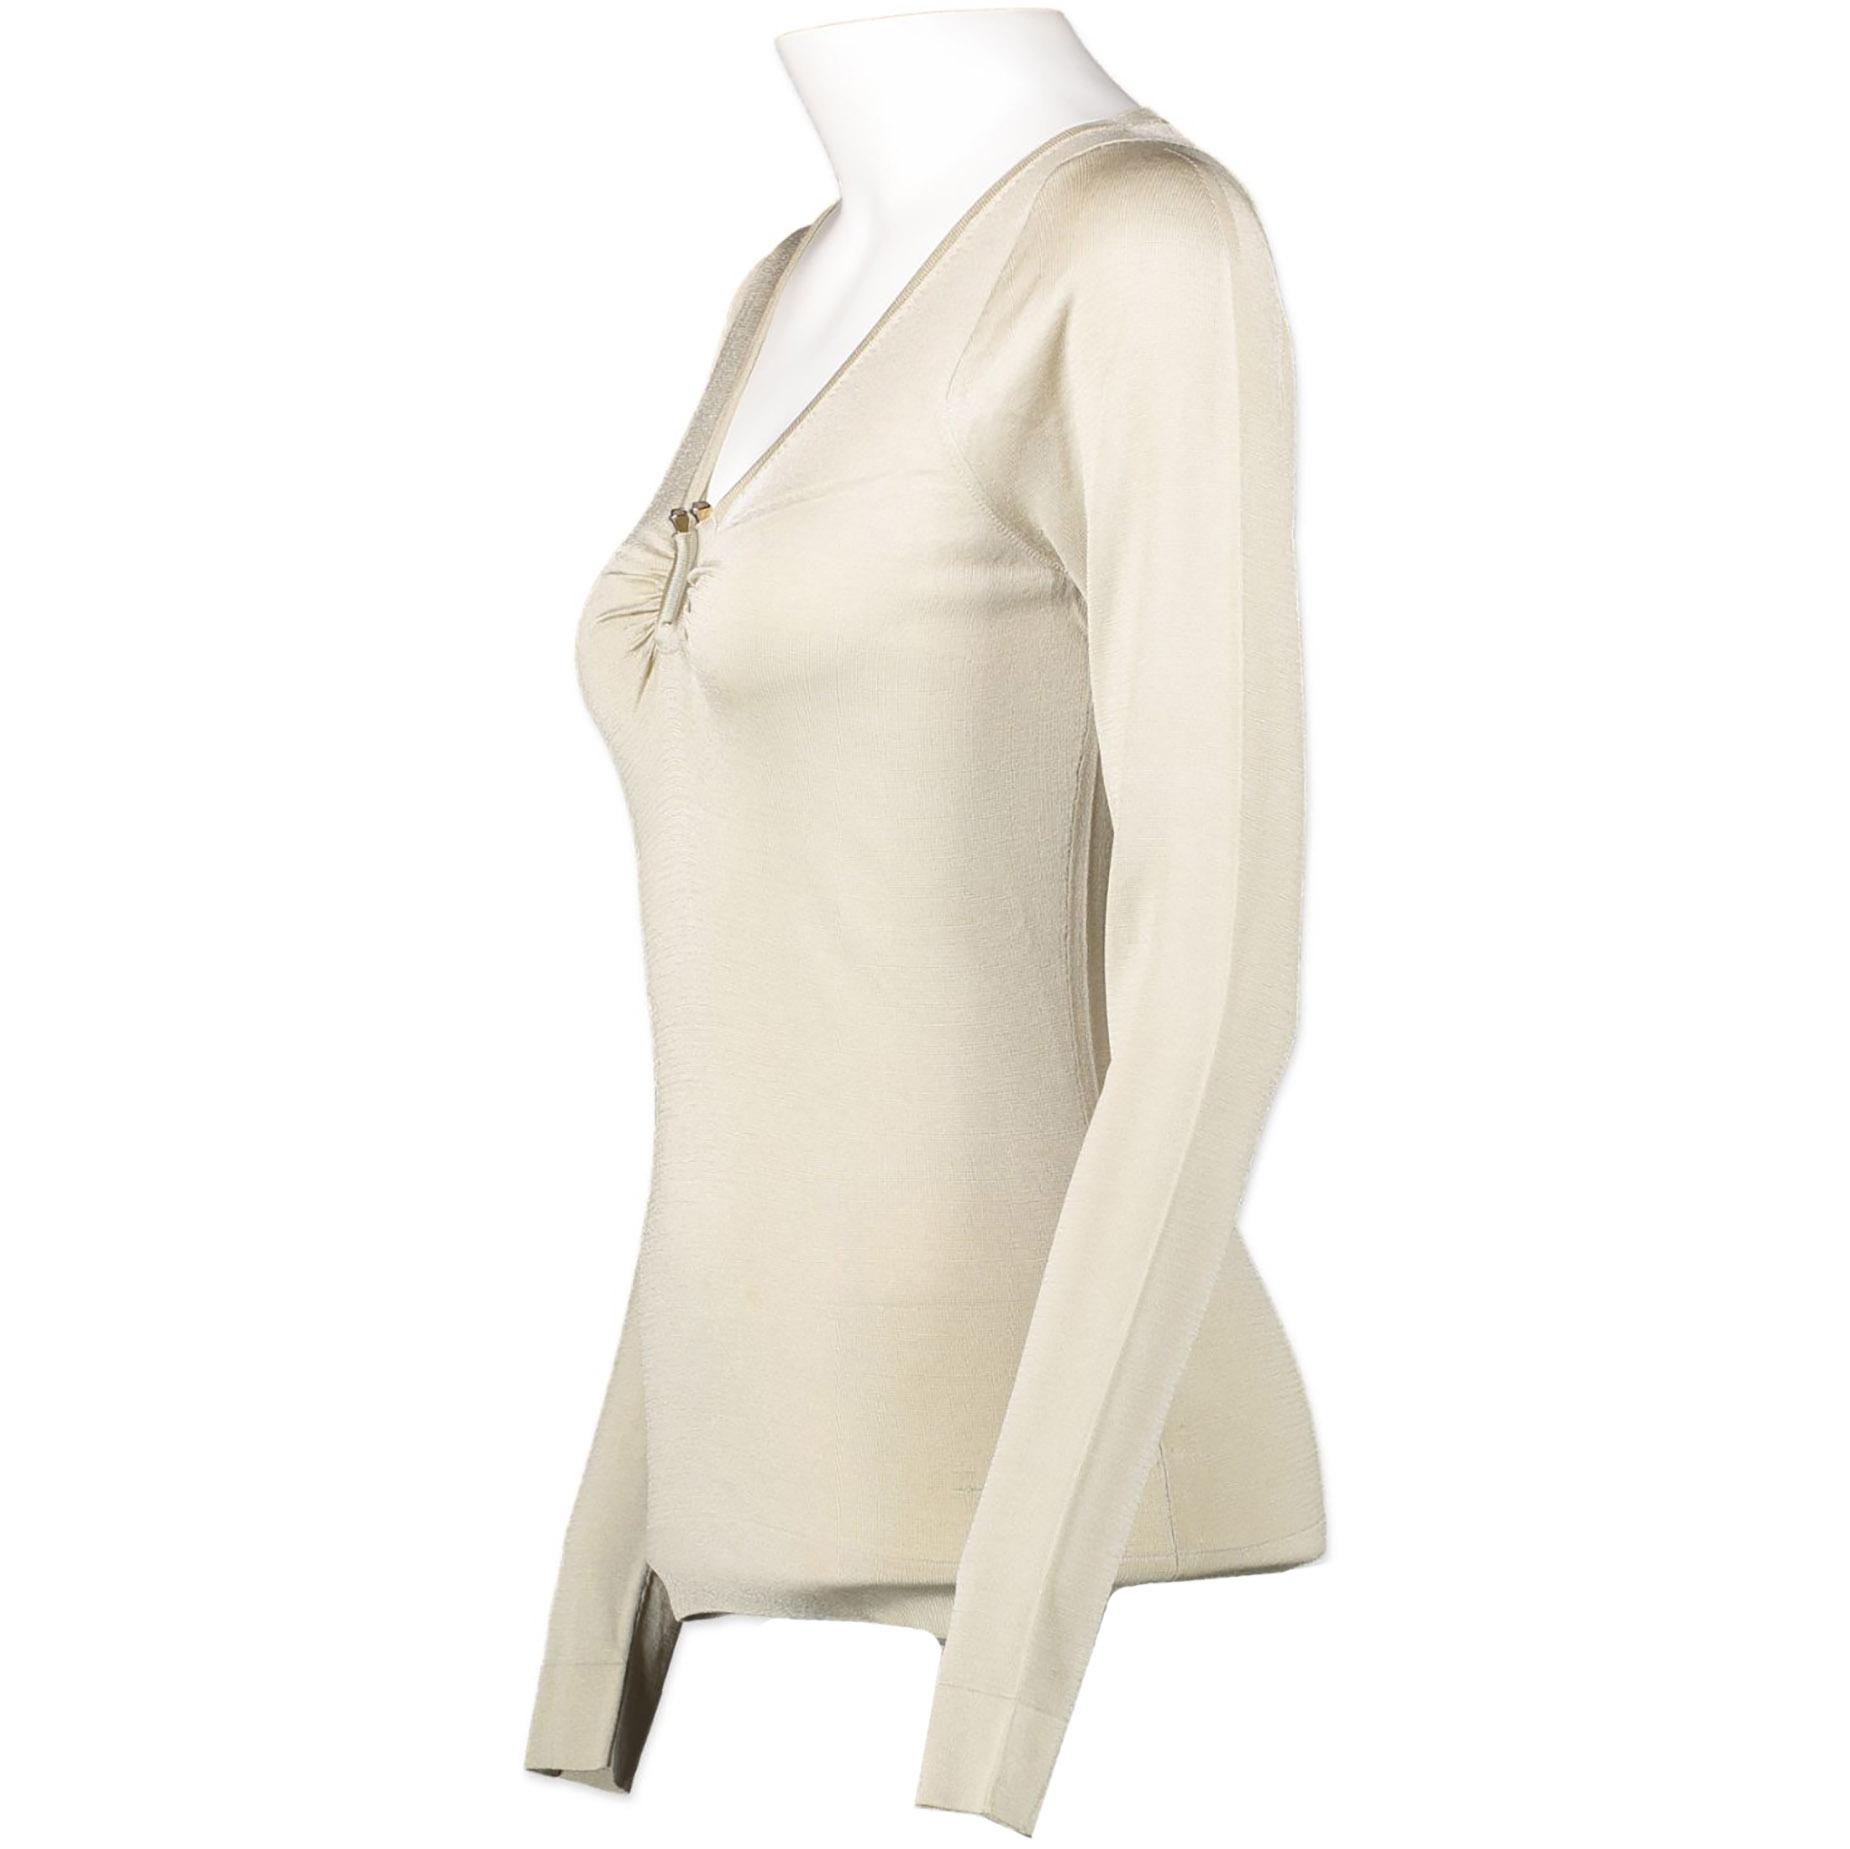 Authentieke Tweedehands Gucci Beige Metal Detail Top juiste prijs veilig online winkelen webshop luxe merken Antwerpen België winkelen mode fashion